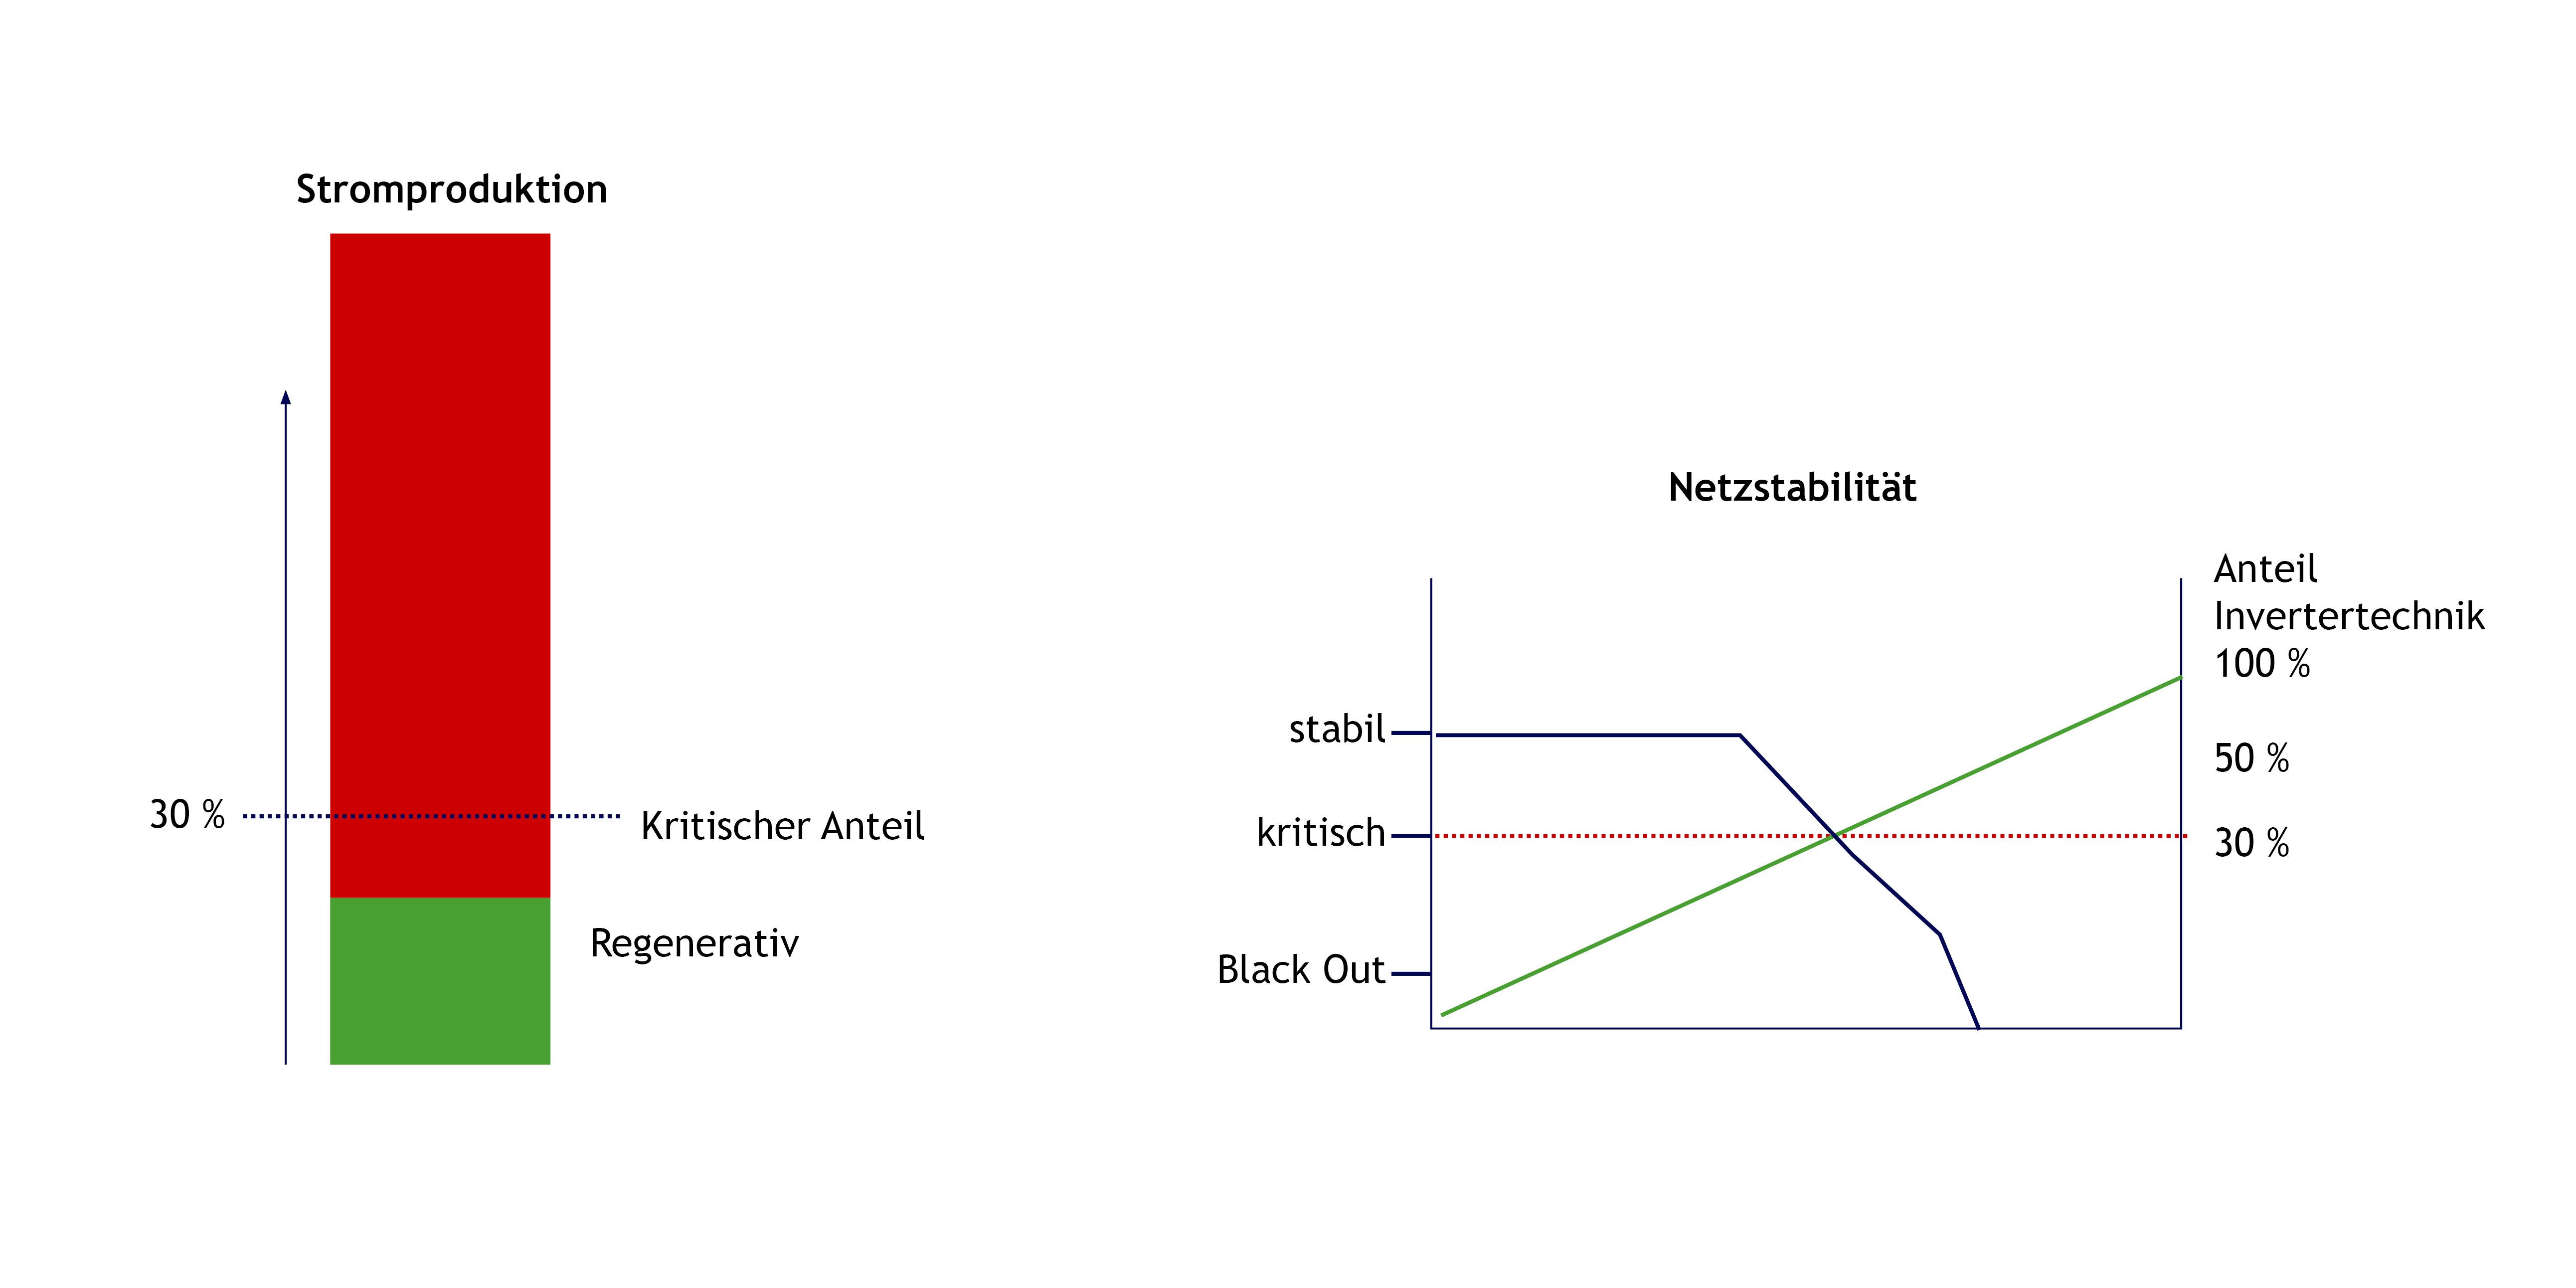 Anteil Erneuerbare Energie Netzstabilität Synchronverter